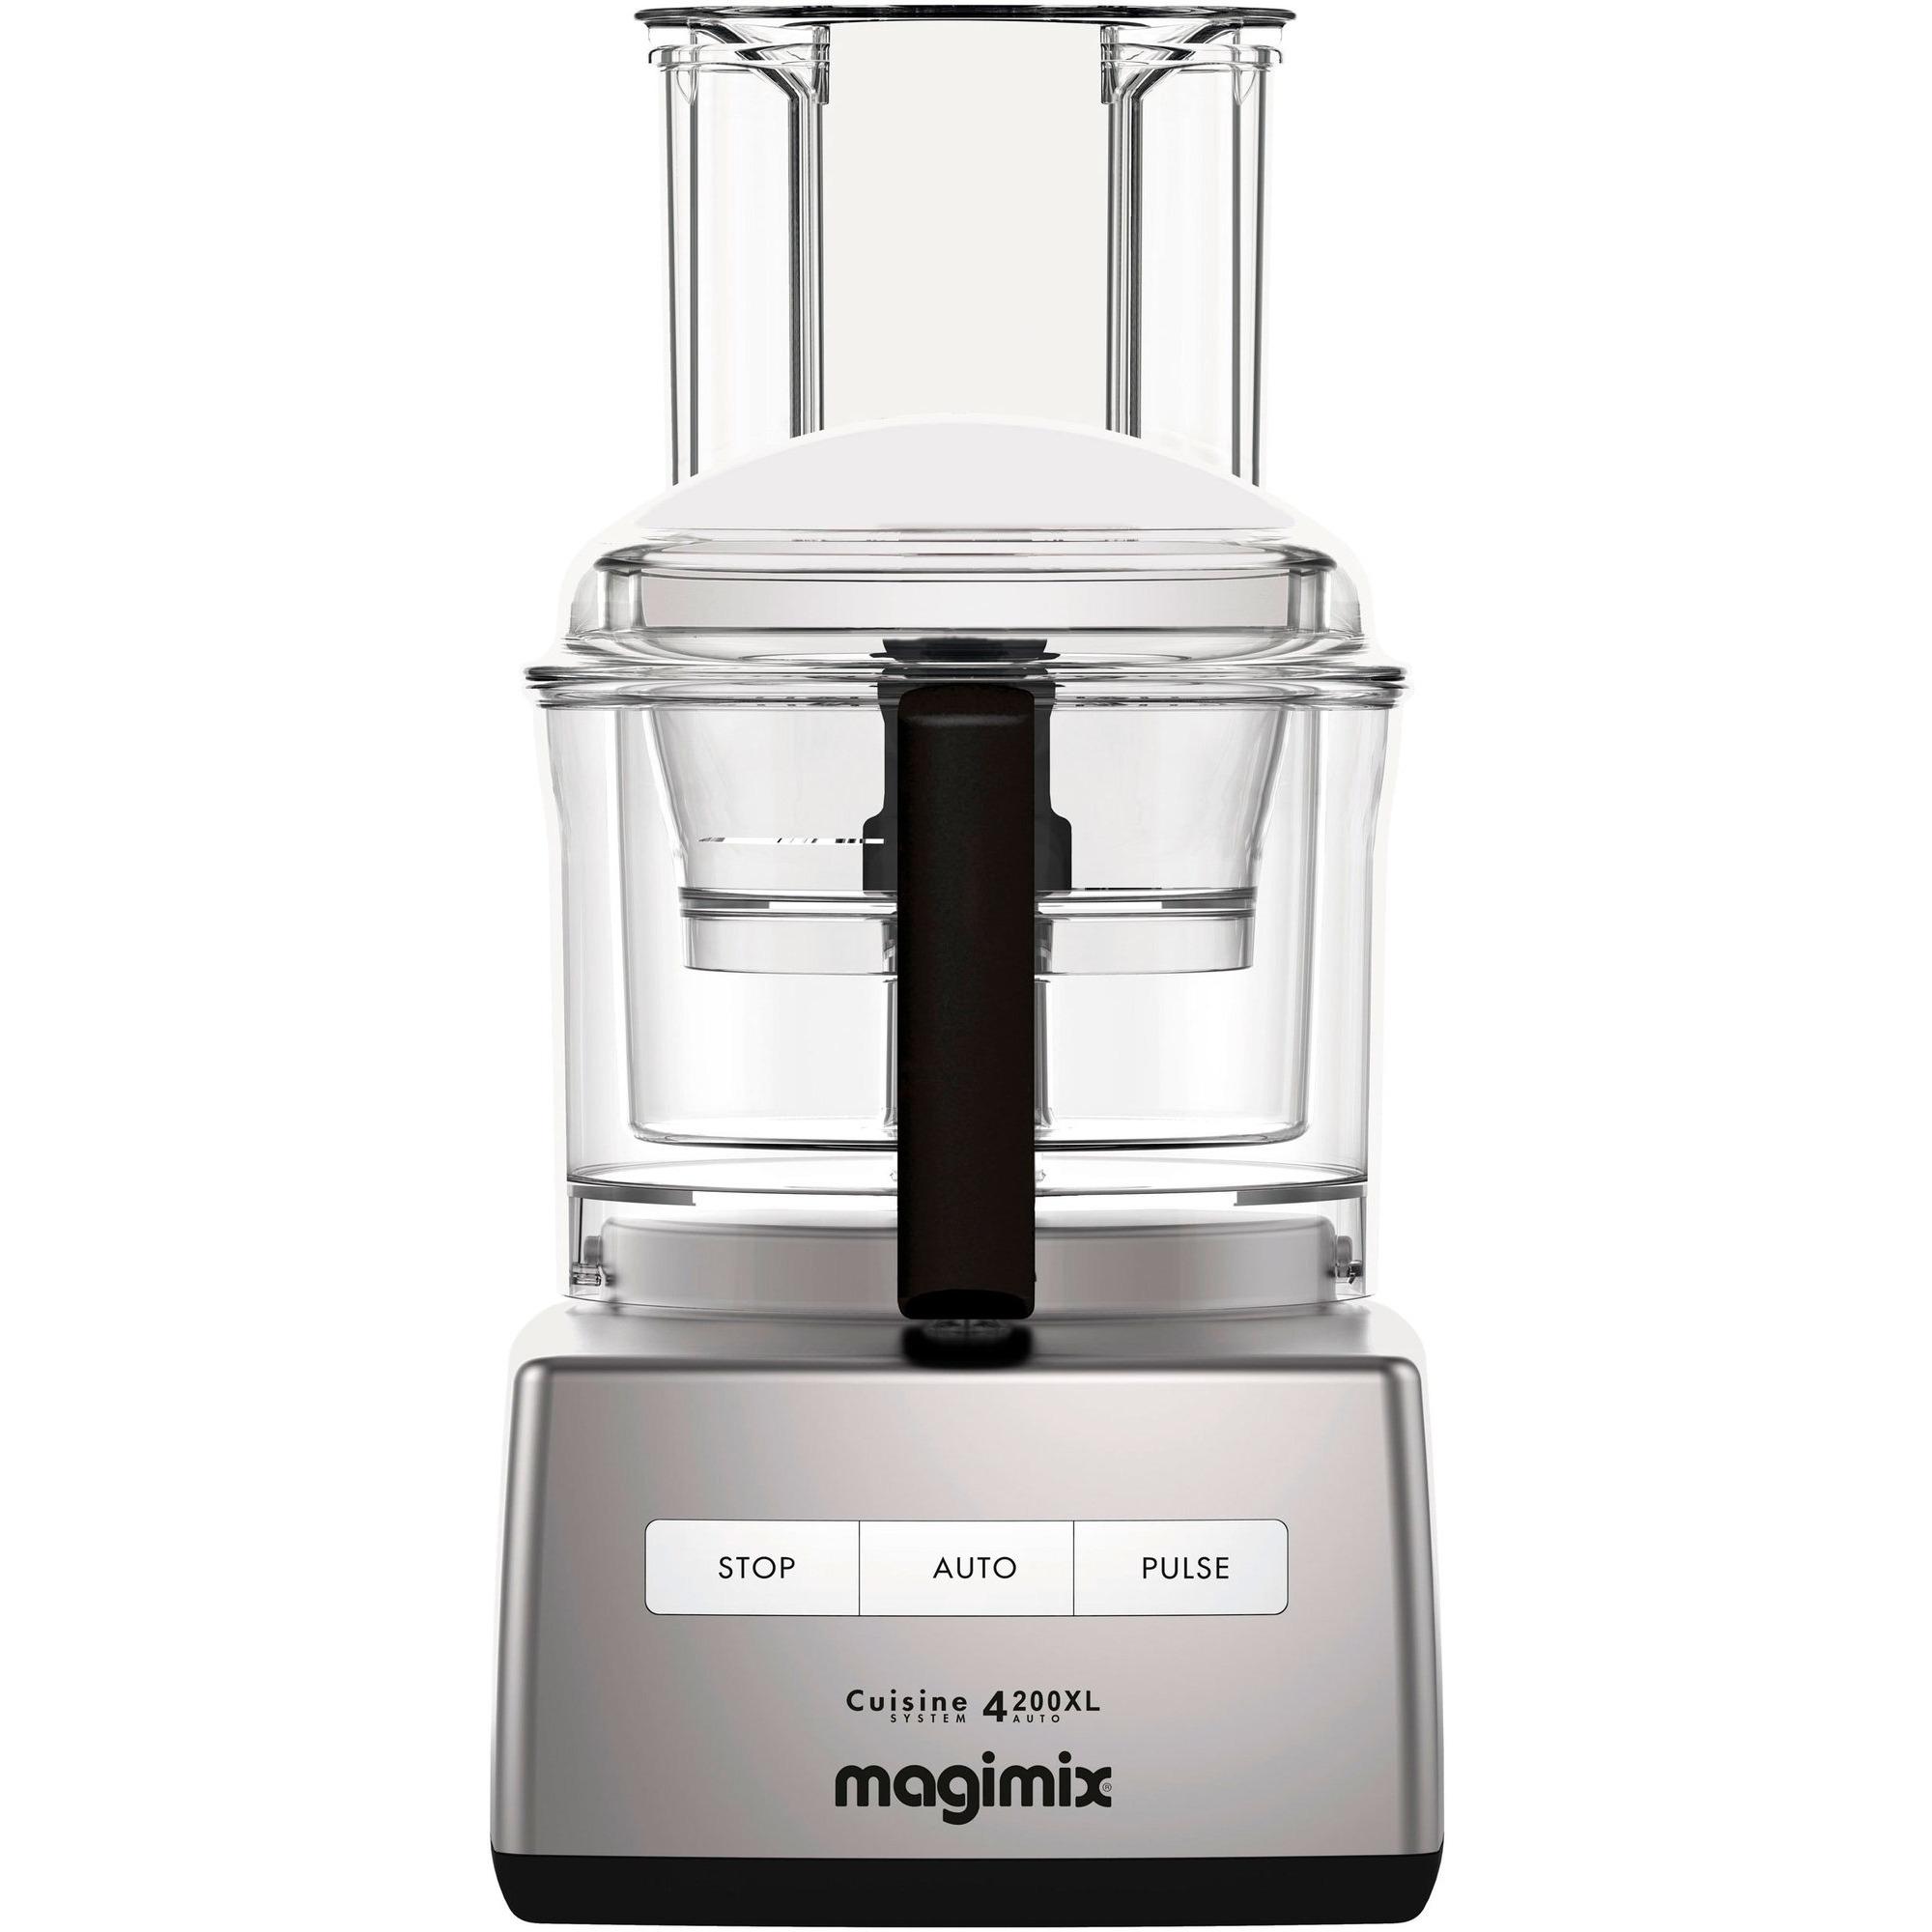 Magimix CS 4200 XL Matberedare